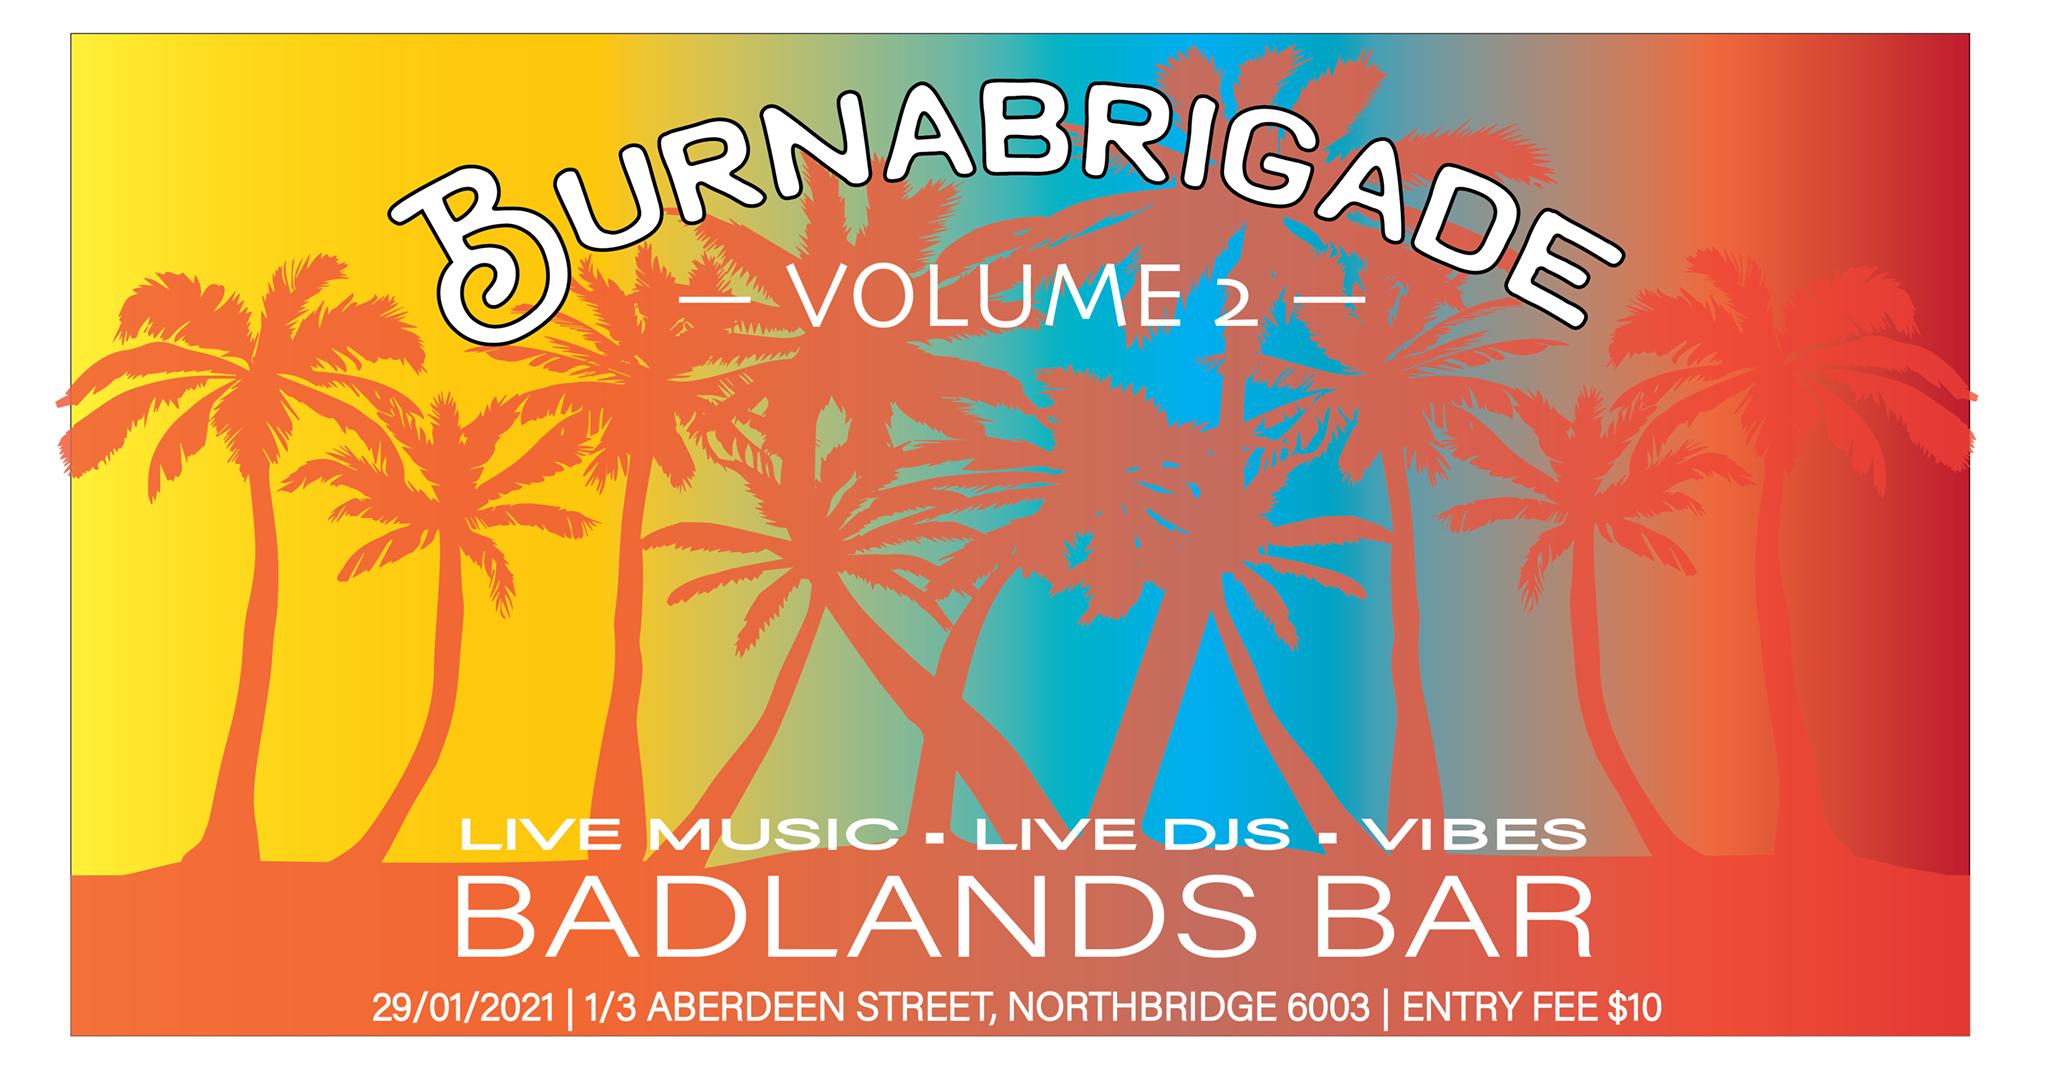 Burnbrigade